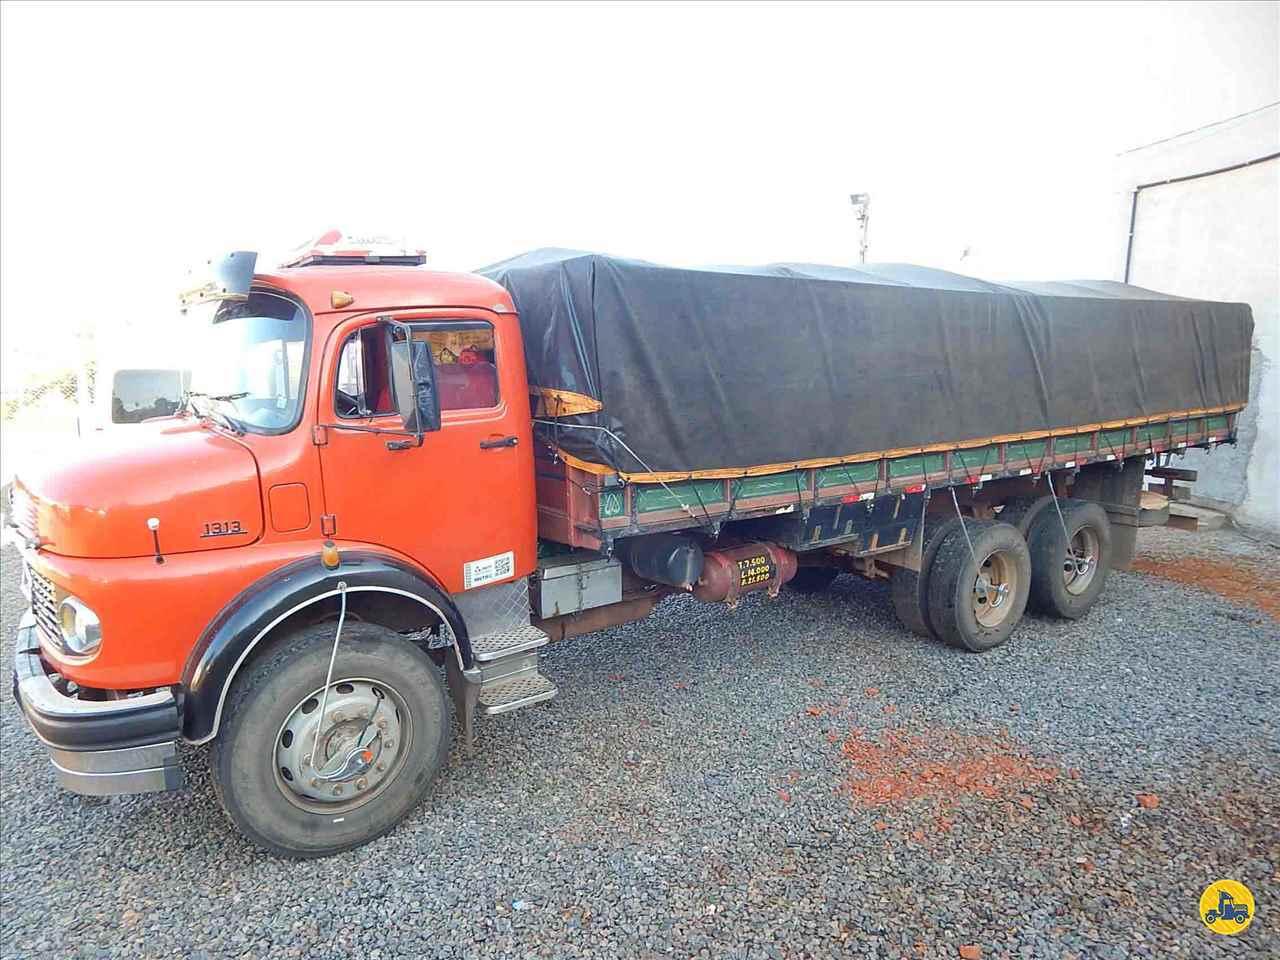 CAMINHAO MERCEDES-BENZ MB 1313 Baú Furgão Truck 6x2 Guirro Automóveis Multimarcas SAO JOSE DO RIO PARDO SÃO PAULO SP